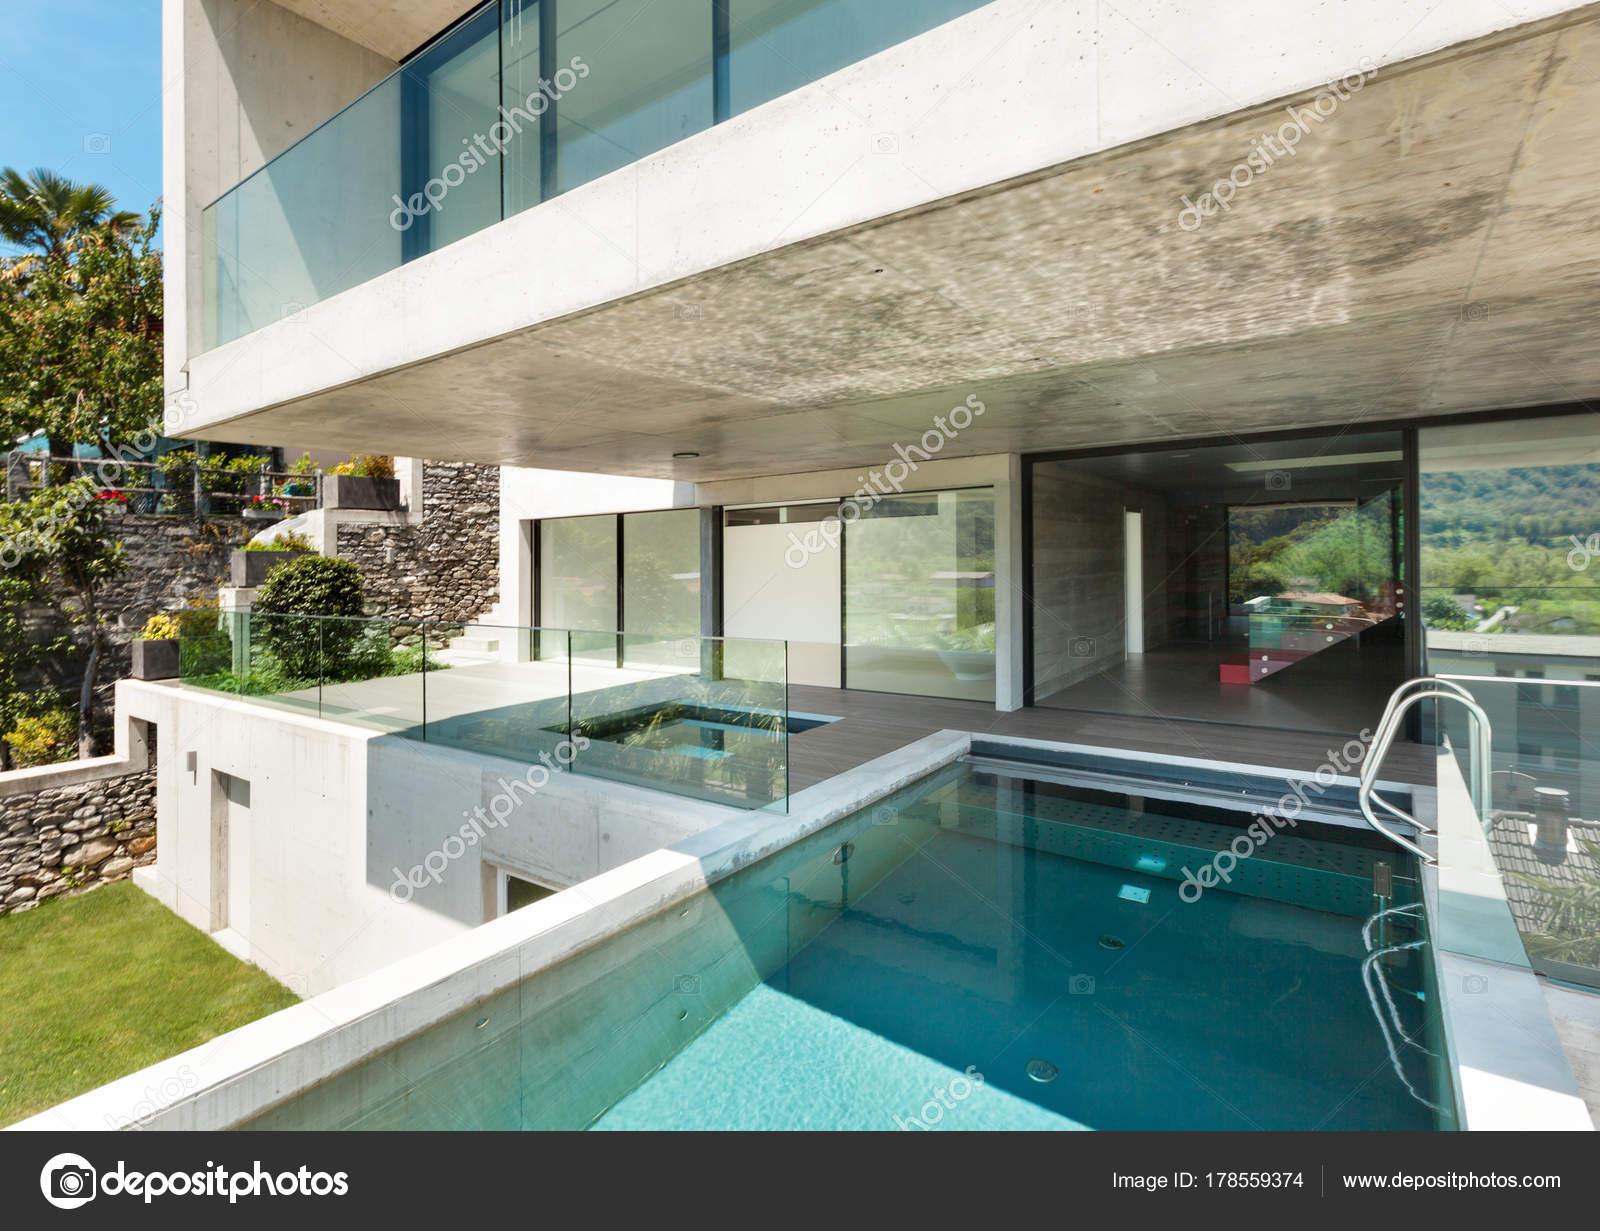 Schönes modernes Haus in Zement — Stockfoto © Zveiger #178559374